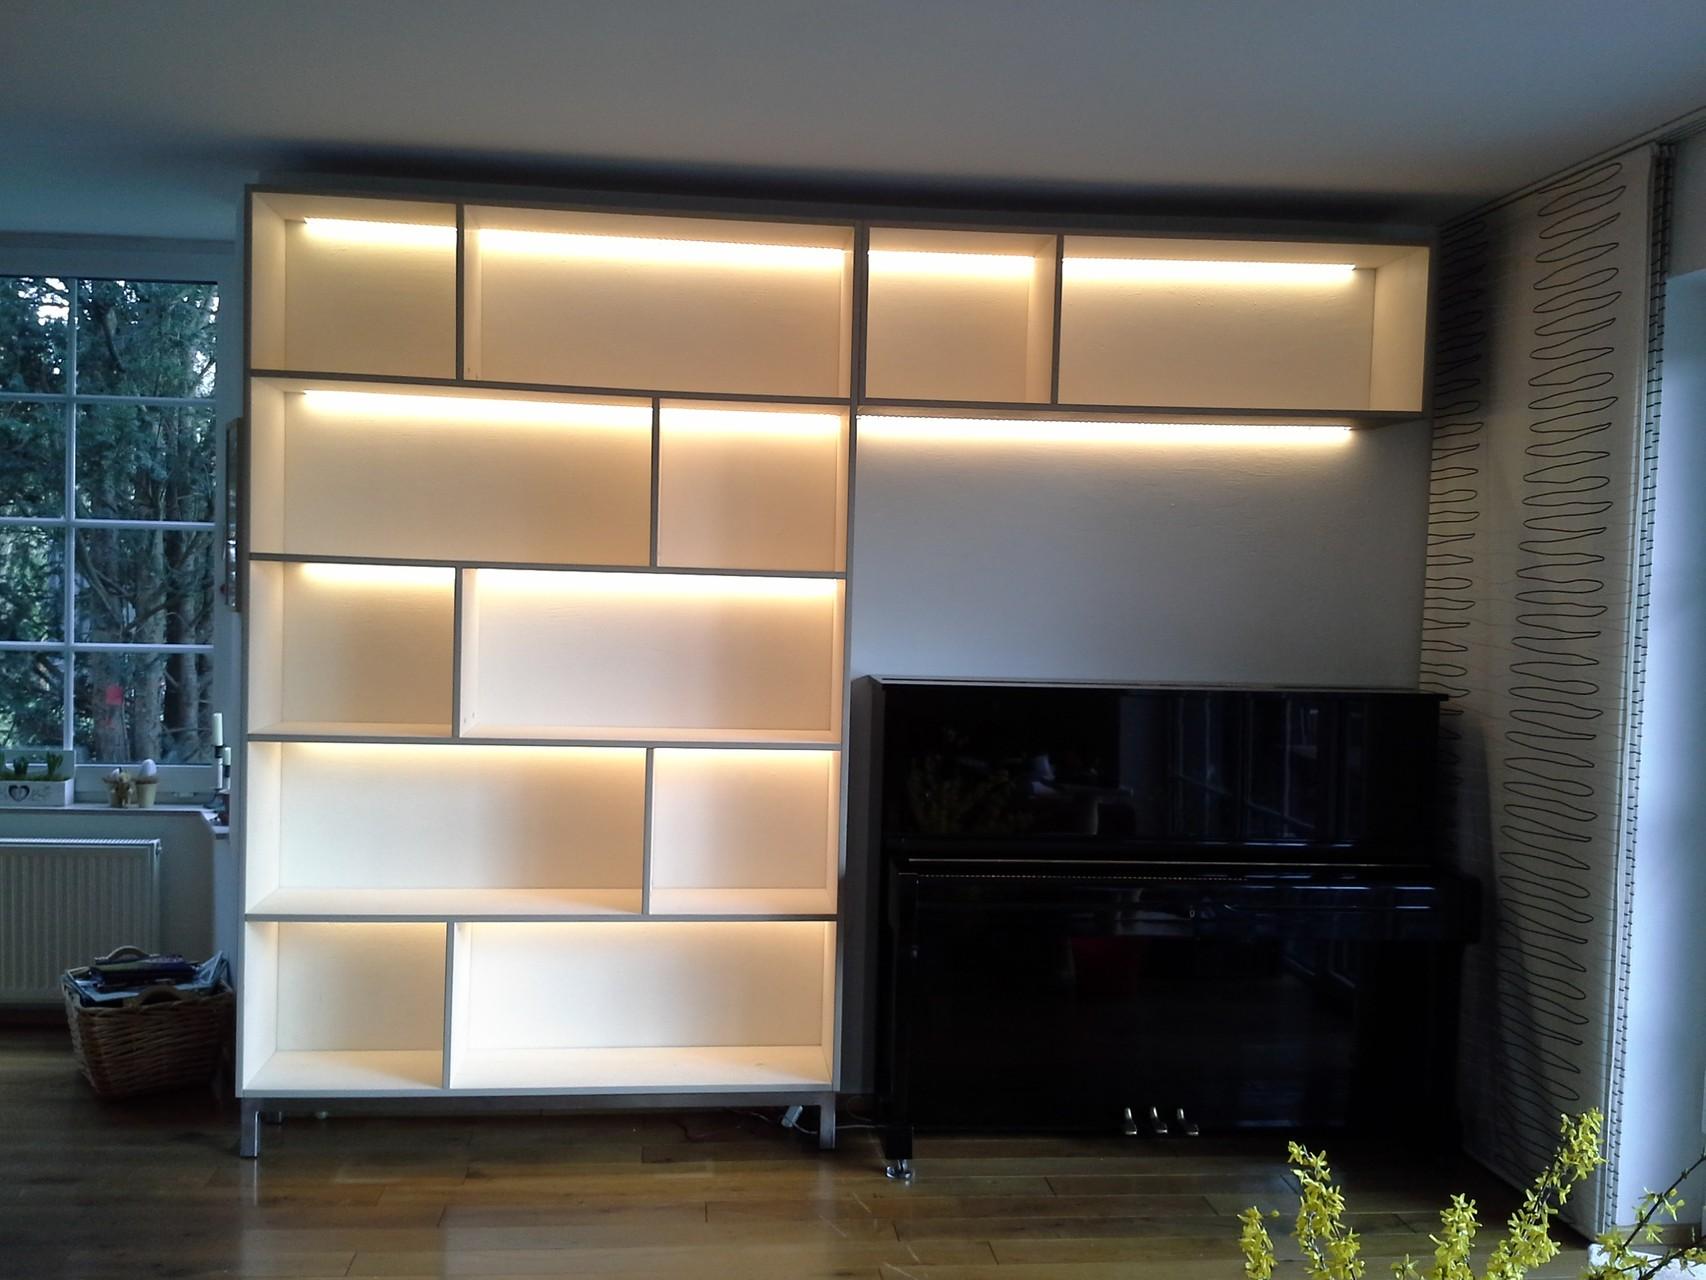 Regalwand aus Birke Multiplex, weiß-grau geölt, mit Licht